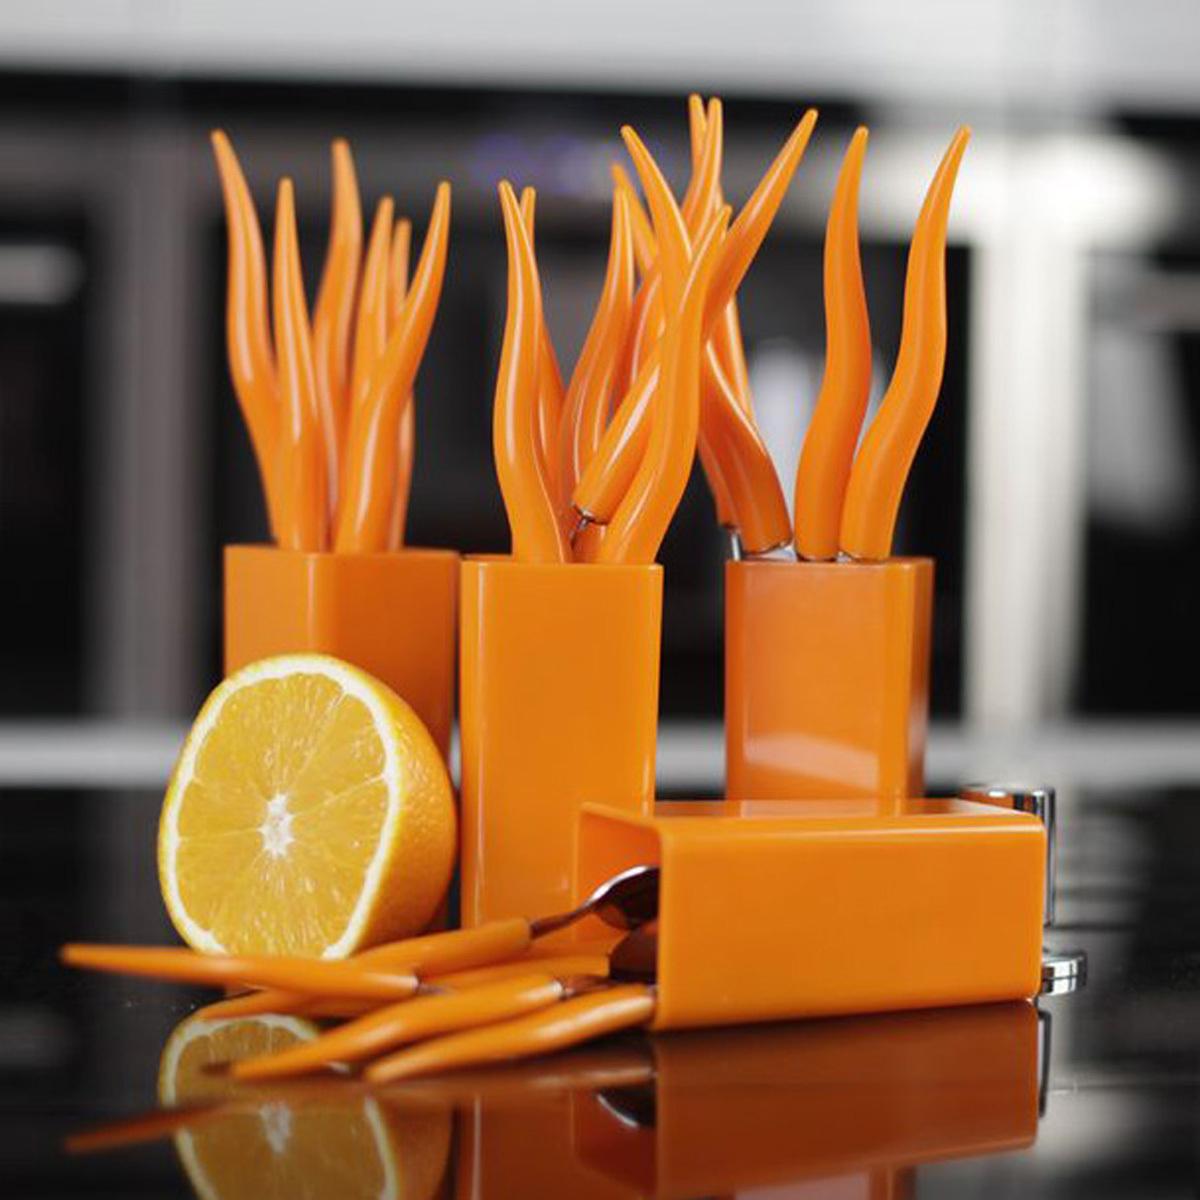 Столовые приборы MoulinVilla, «Морковки» 24 предметаНаборы кухонных ножей<br>Производитель: MoulinVillaВес: 1,078 кгЦвет: оранжевыйМатериал: пластикпищевая нержавеющая стальНабор:: даКоличество предметов в наборе:: 28Упаковка: Пластиковая коробкаКоличество персон:: 24Бренд:: MoulinVillaРазмер упаковки:: 21,5 см*24,5 см*5,4 см<br>В набор входят:<br>6 вилок;<br>6 ножей;<br>6 столовых ложек;<br>6 чайных ложек;<br>4 подставки.<br>